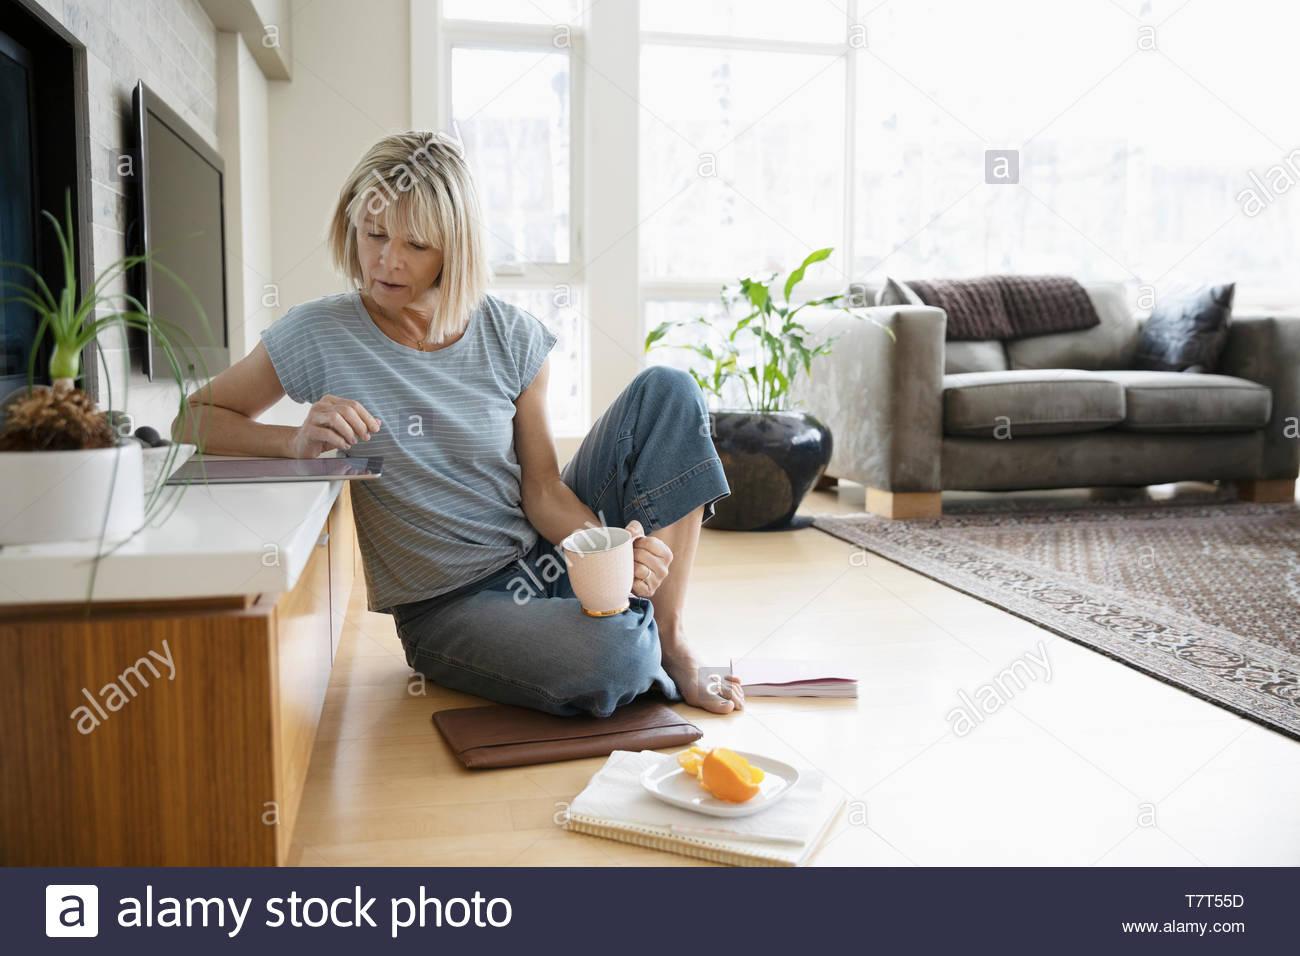 La donna che lavora da casa, usando tavoletta digitale sul soggiorno piano Immagini Stock